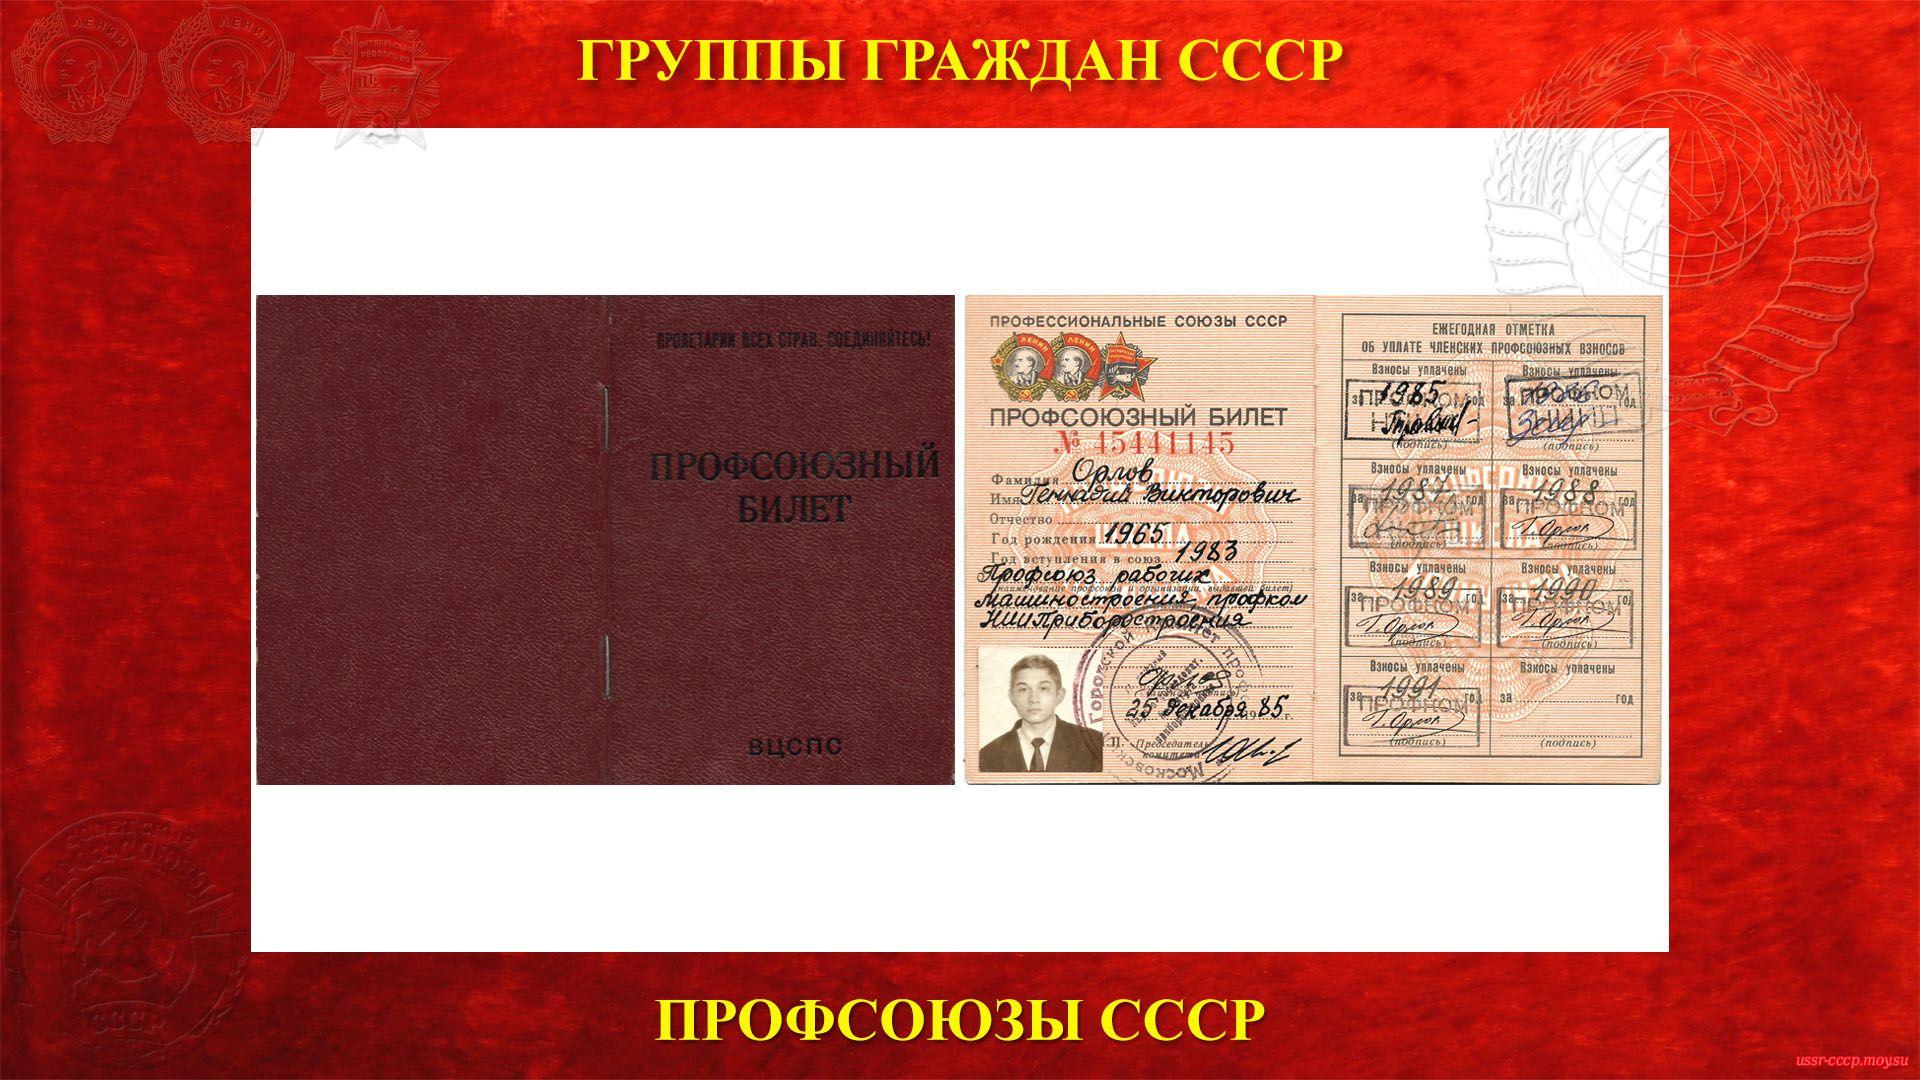 Орлов Г. В. - ПРОФСОЮЗНЫЙ БИЛЕТ за № 15441145